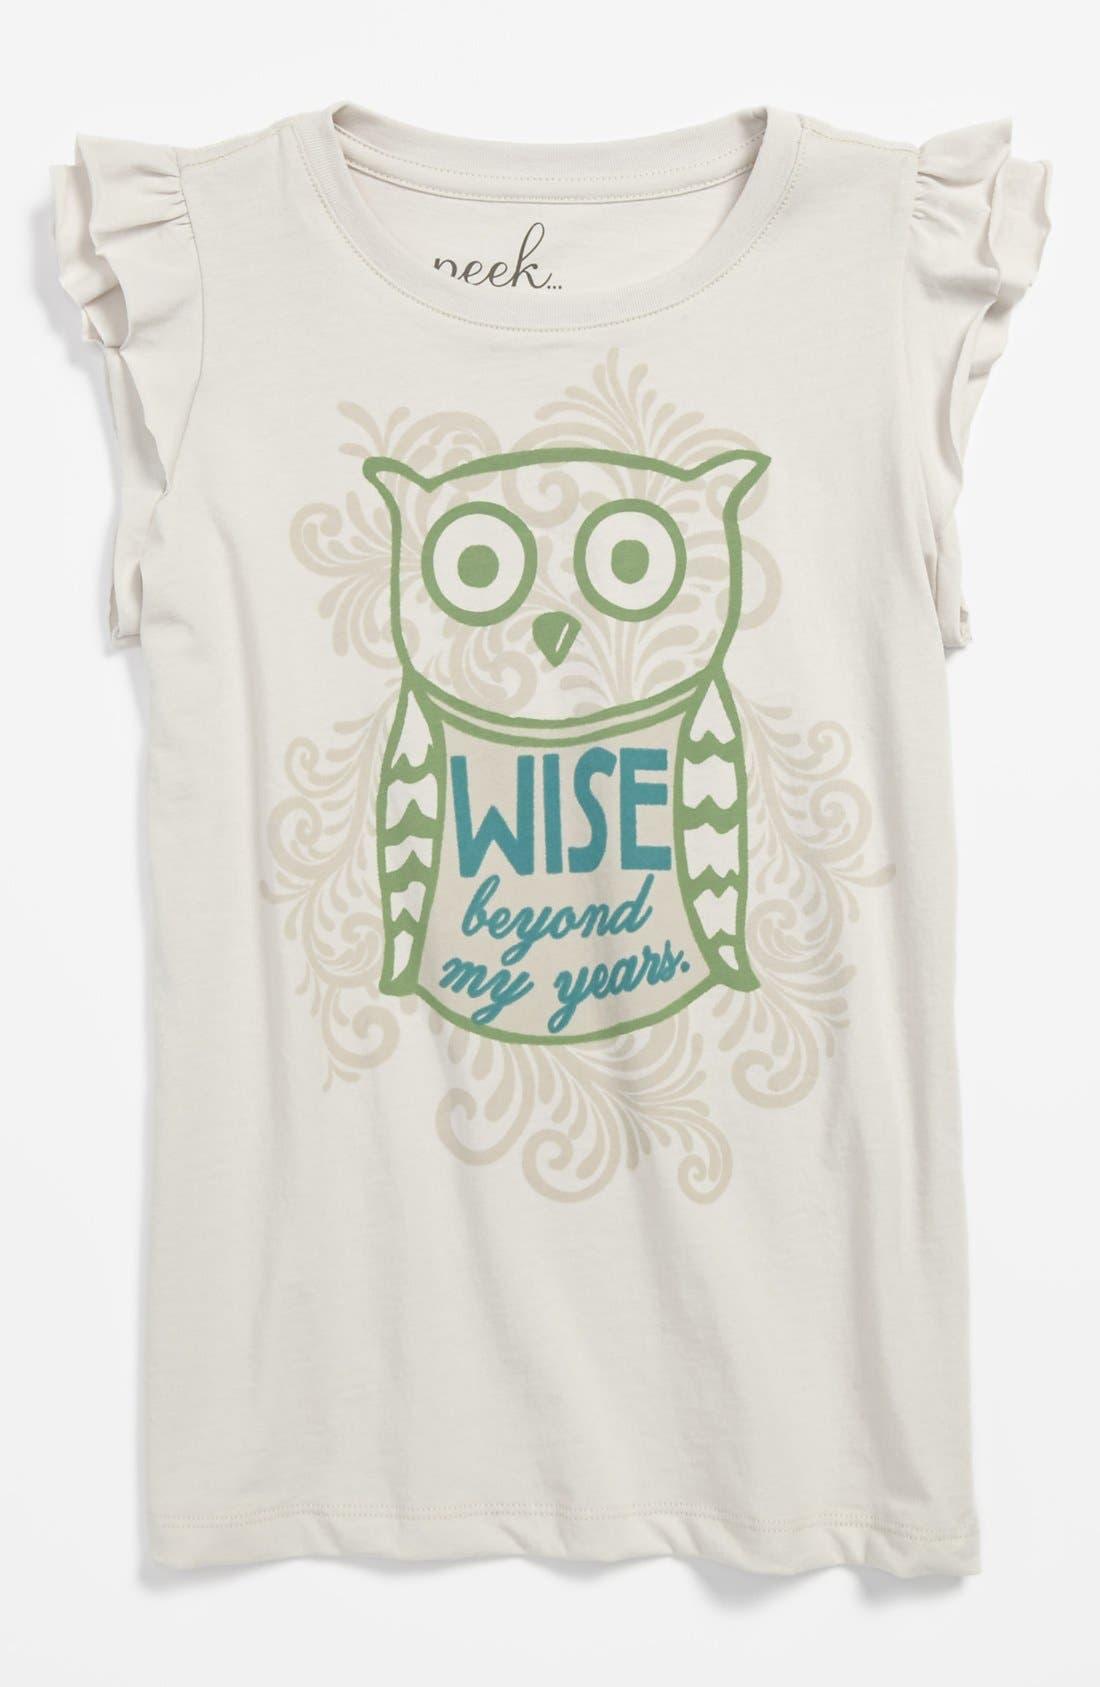 Alternate Image 1 Selected - Peek 'Be Wise' Tee (Toddler Girls, Little Girls & Big Girls)